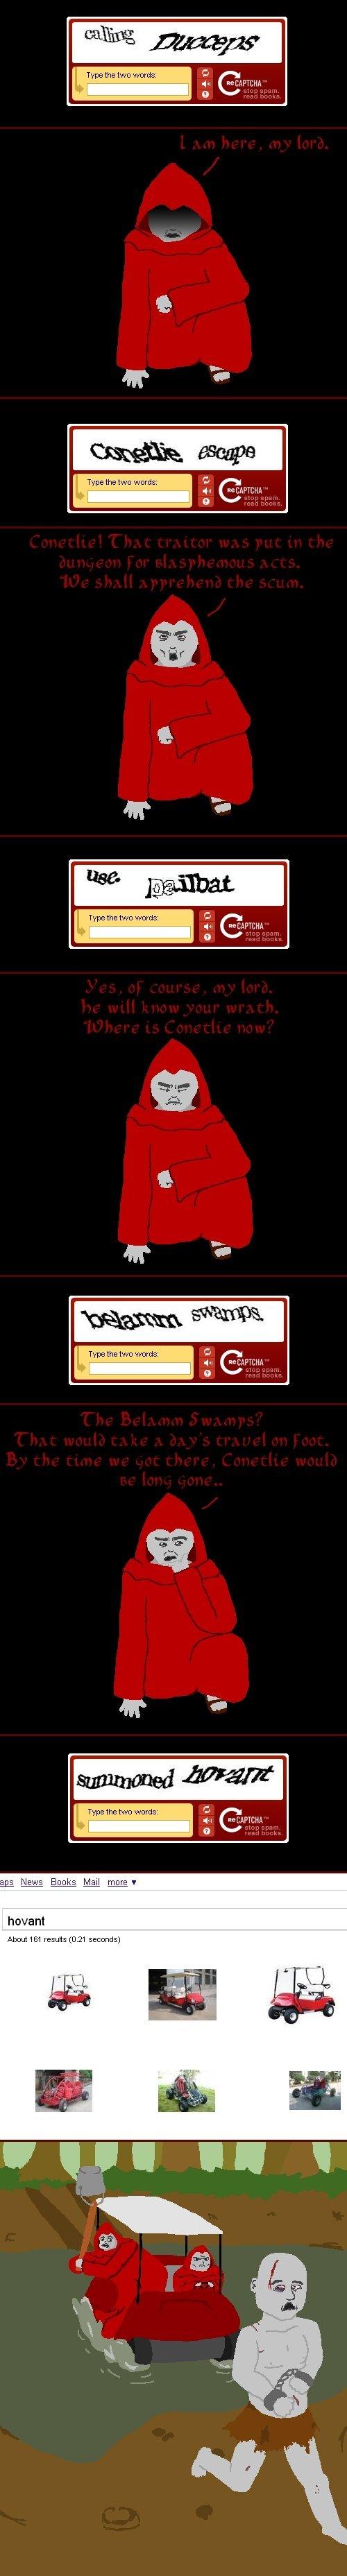 Conetlie, You Traitorous Swine. . ill. WWI I WWI Conetlie You Traitorous Swine ill WWI I